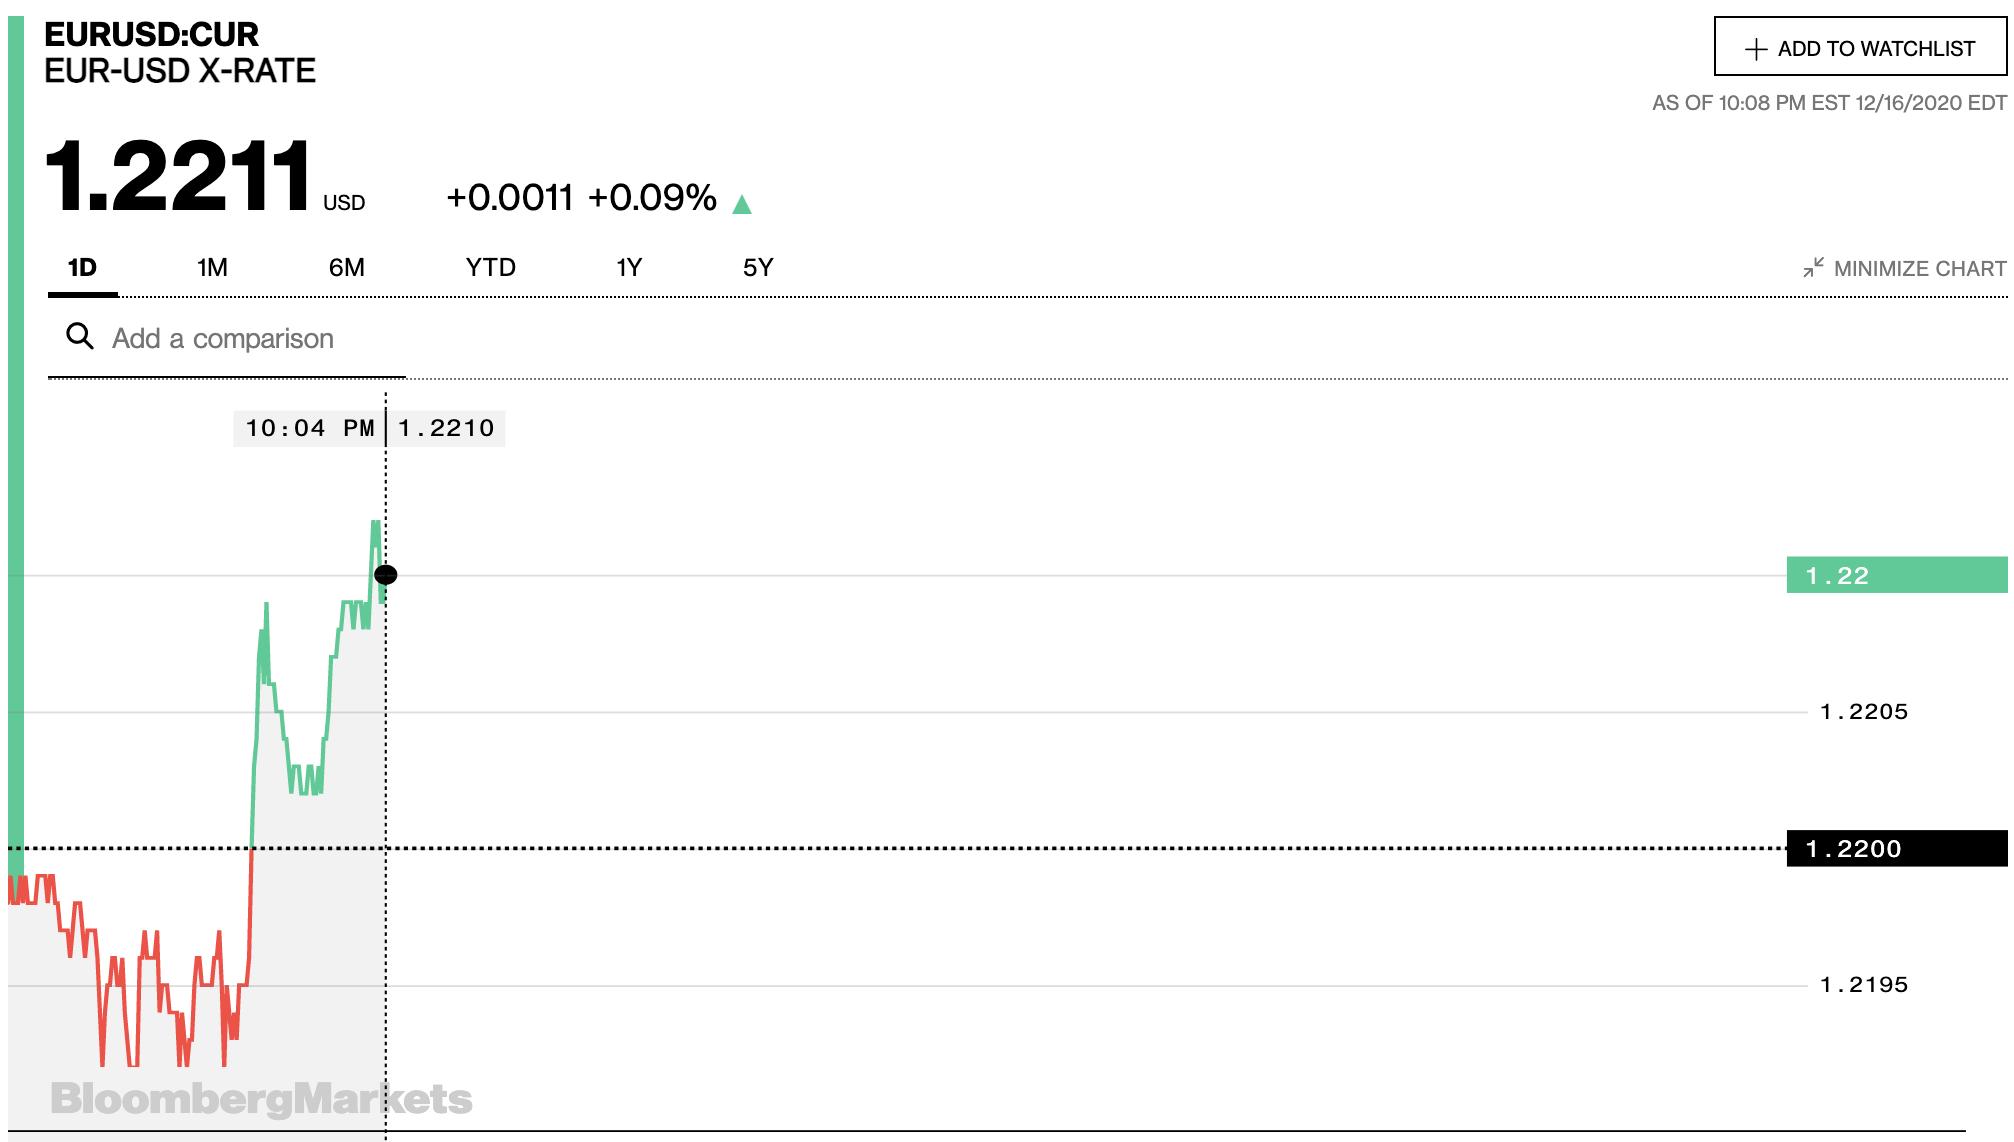 Tỷ giá euro hôm nay 17/12: Đồng loạt tăng trở lại tại các ngân hàng trong nước - Ảnh 2.